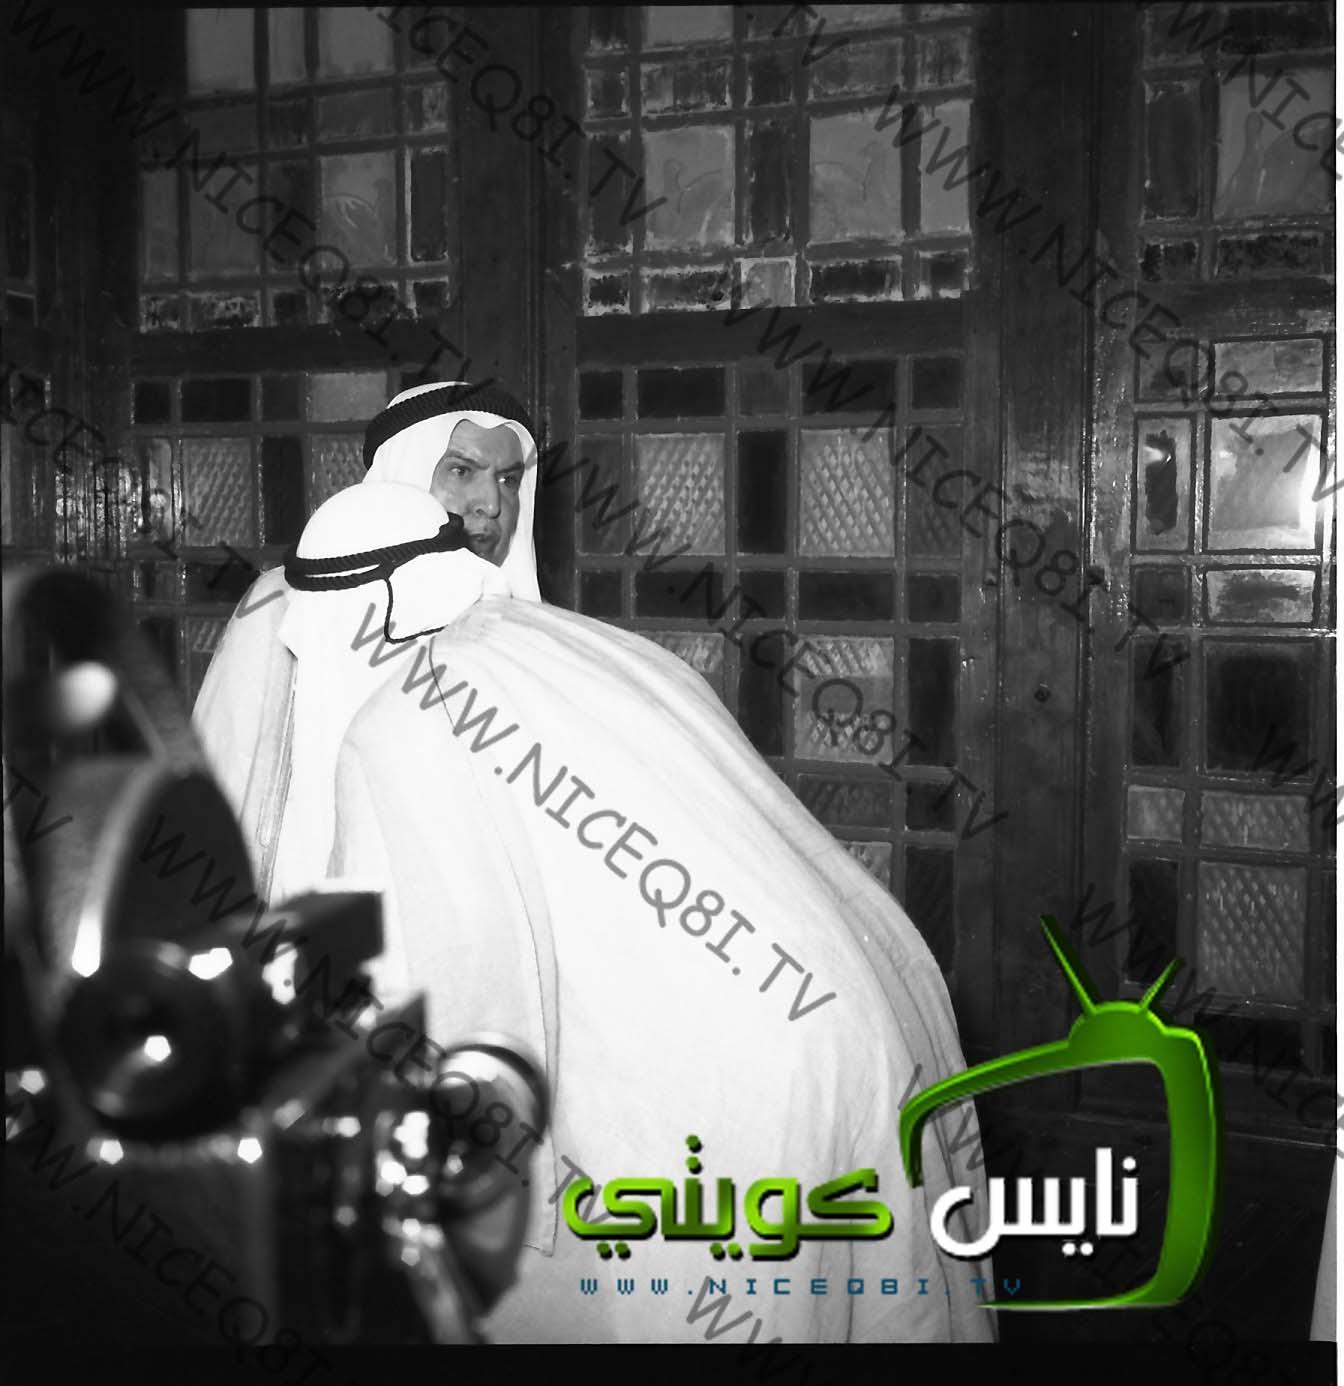 المغفور له بإذن الله الشيخ عبدالله السالم يتل